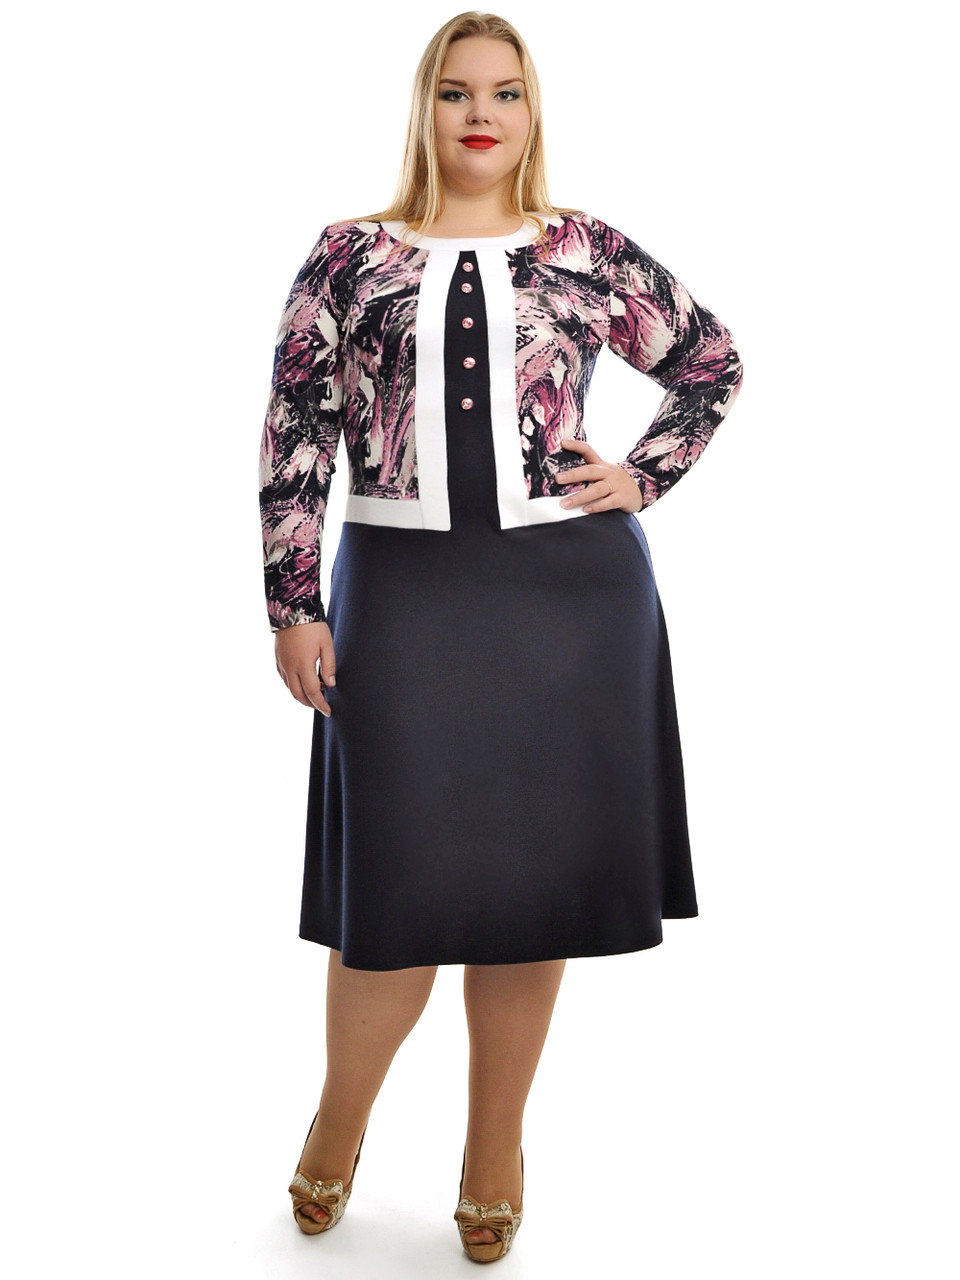 Bbwshop Интернет Магазин Женской Одежды